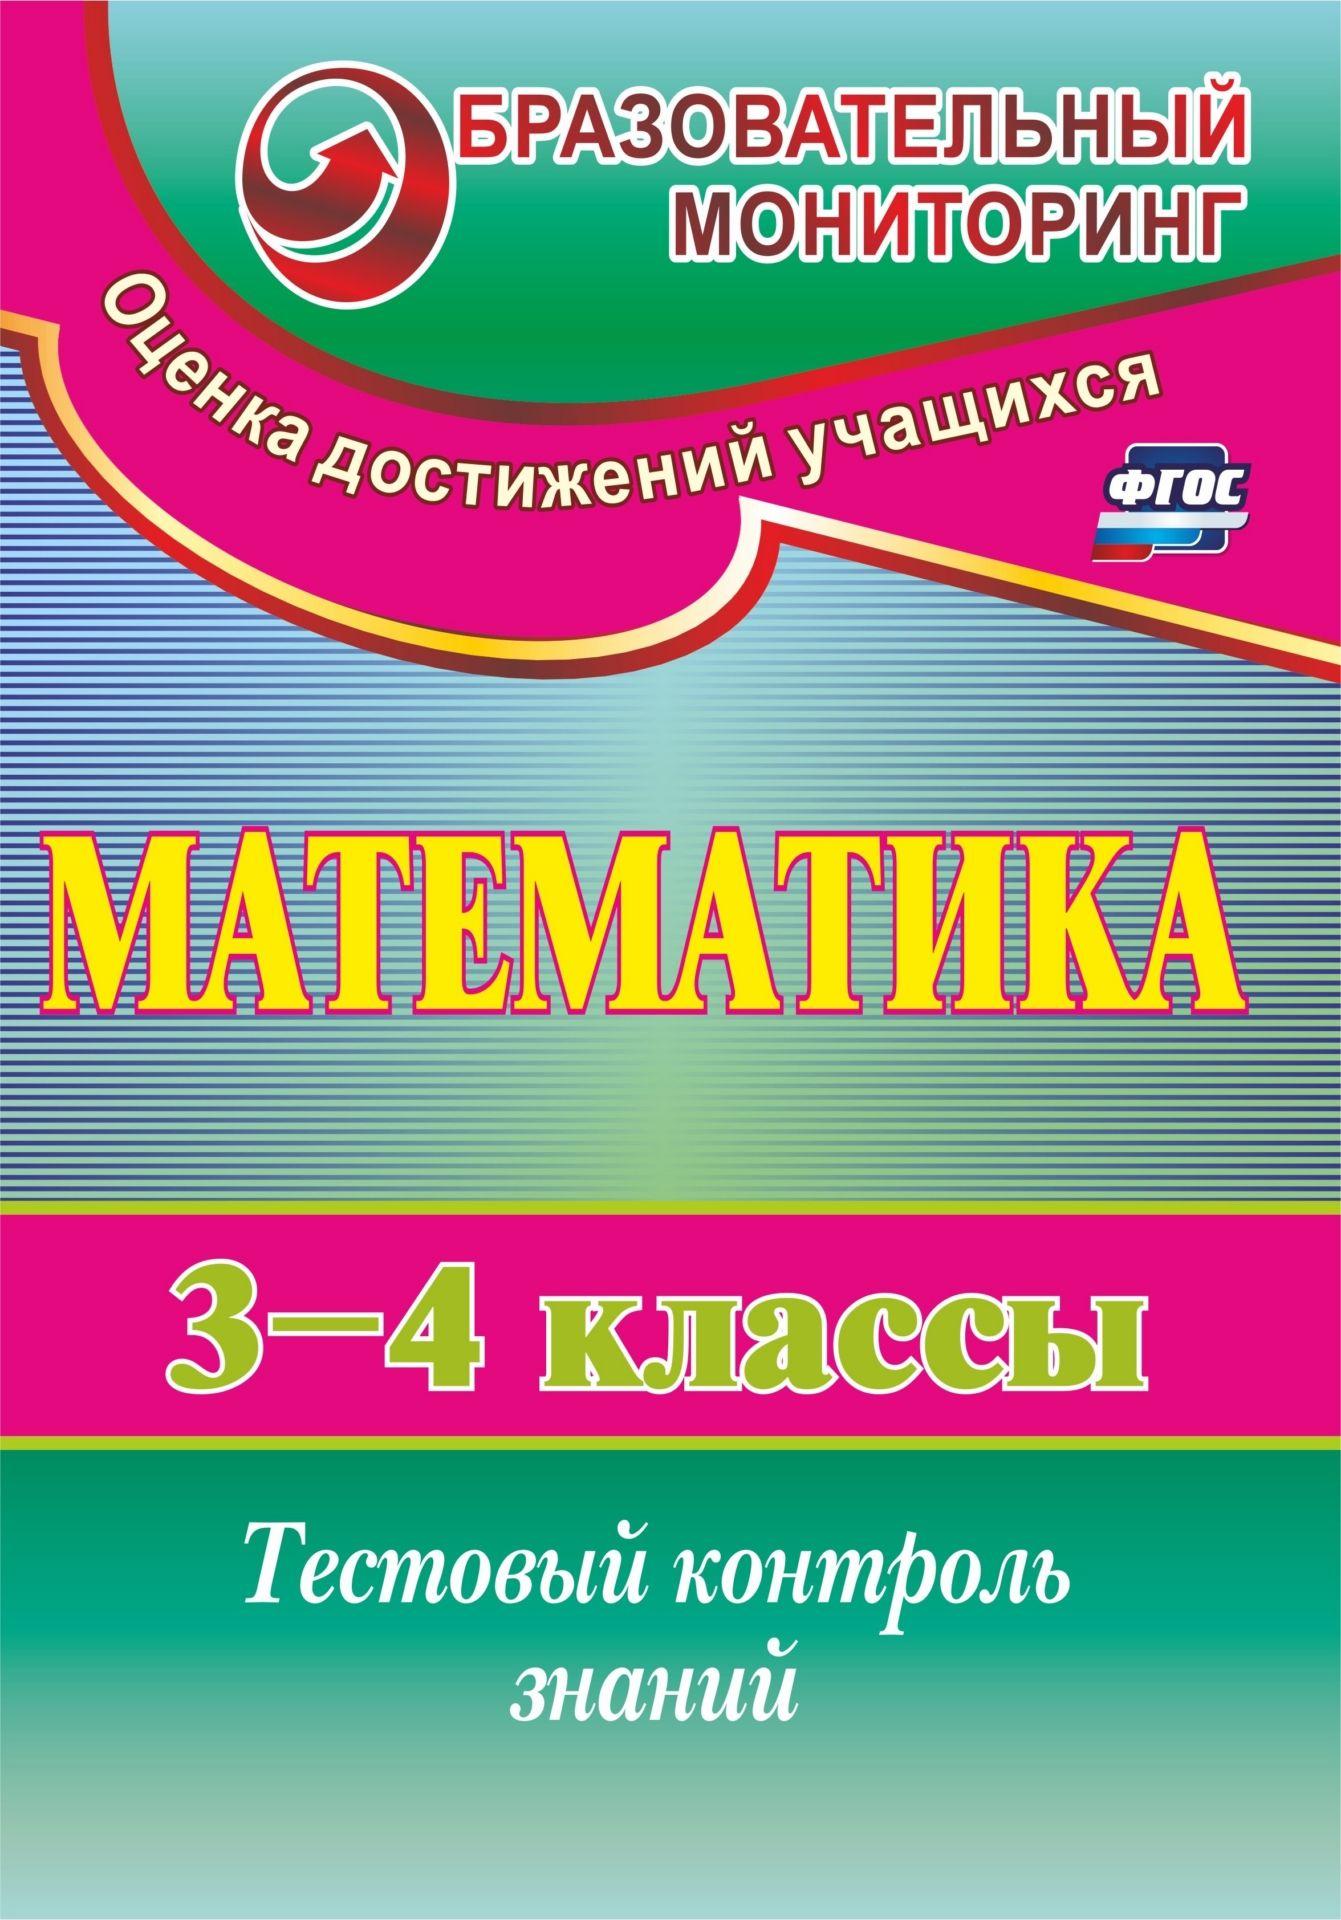 Математика. 3-4 классы: тестовый контроль знанийПредметы<br>Контроль знаний - существенный элемент современного урока. Предлагаемые разноуровневые тестовые задания по математике, разработанные с учетом требований ФГОС, позволят выяснить, насколько знания учащихся 3 и 4 классов соответствуют основным программным тр...<br><br>Авторы: Глинская Н. В.<br>Год: 2016<br>Серия: Образовательный мониторинг. Оценка достижений учащихся<br>ISBN: 978-5-7057-2831-2, 978-5-7057-4528-9<br>Высота: 285<br>Ширина: 203<br>Толщина: 2<br>Переплёт: мягкая, склейка